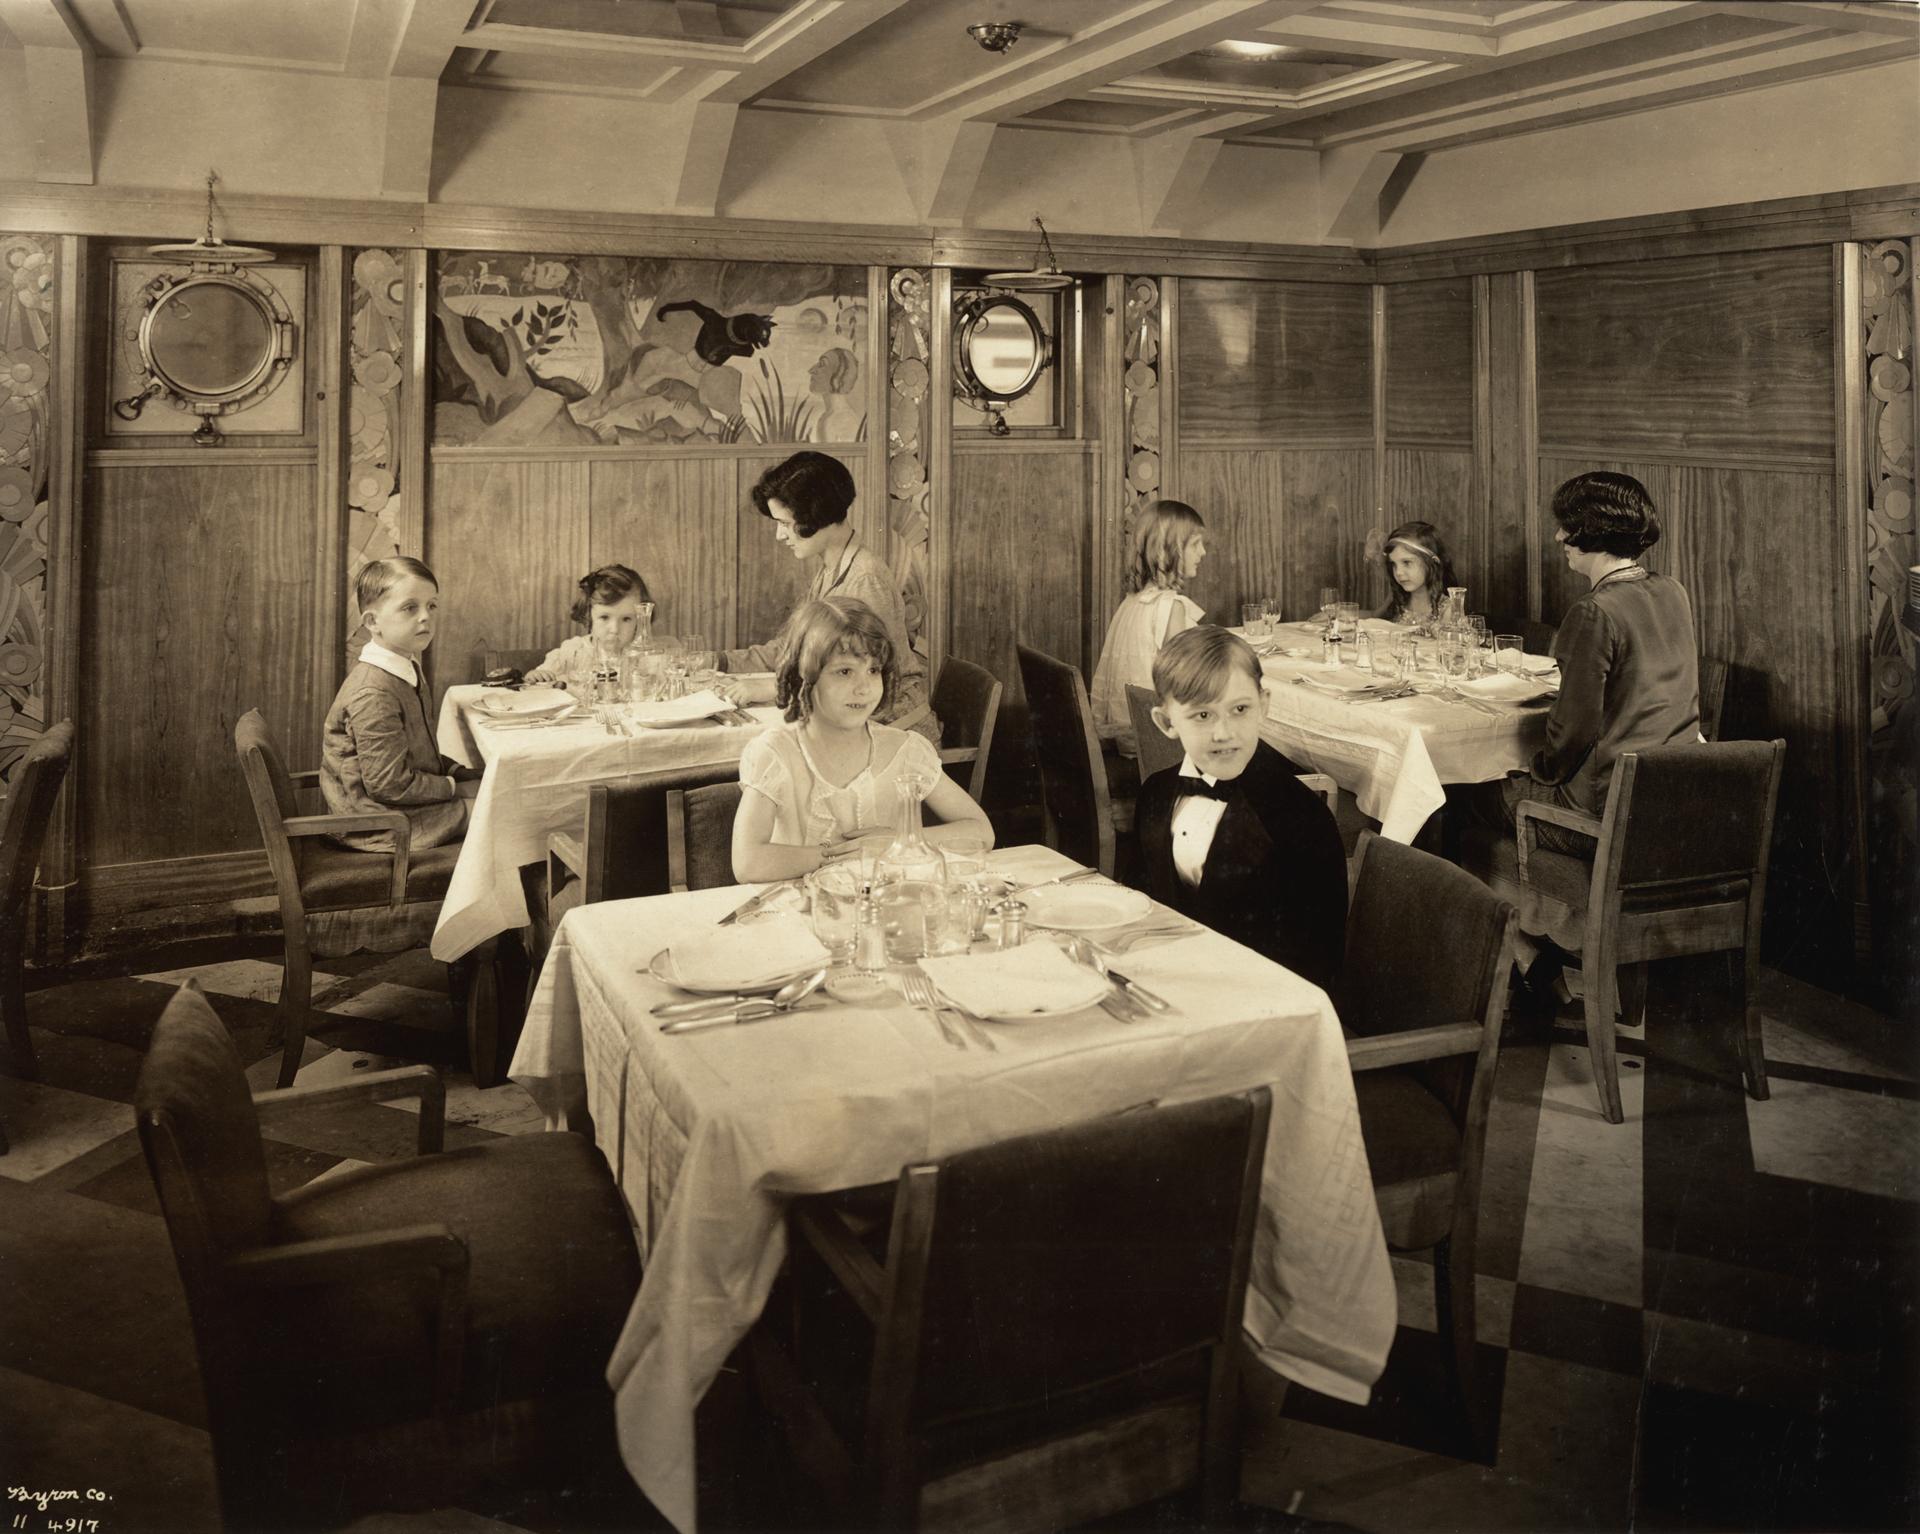 Women and children sitting in a restaurant